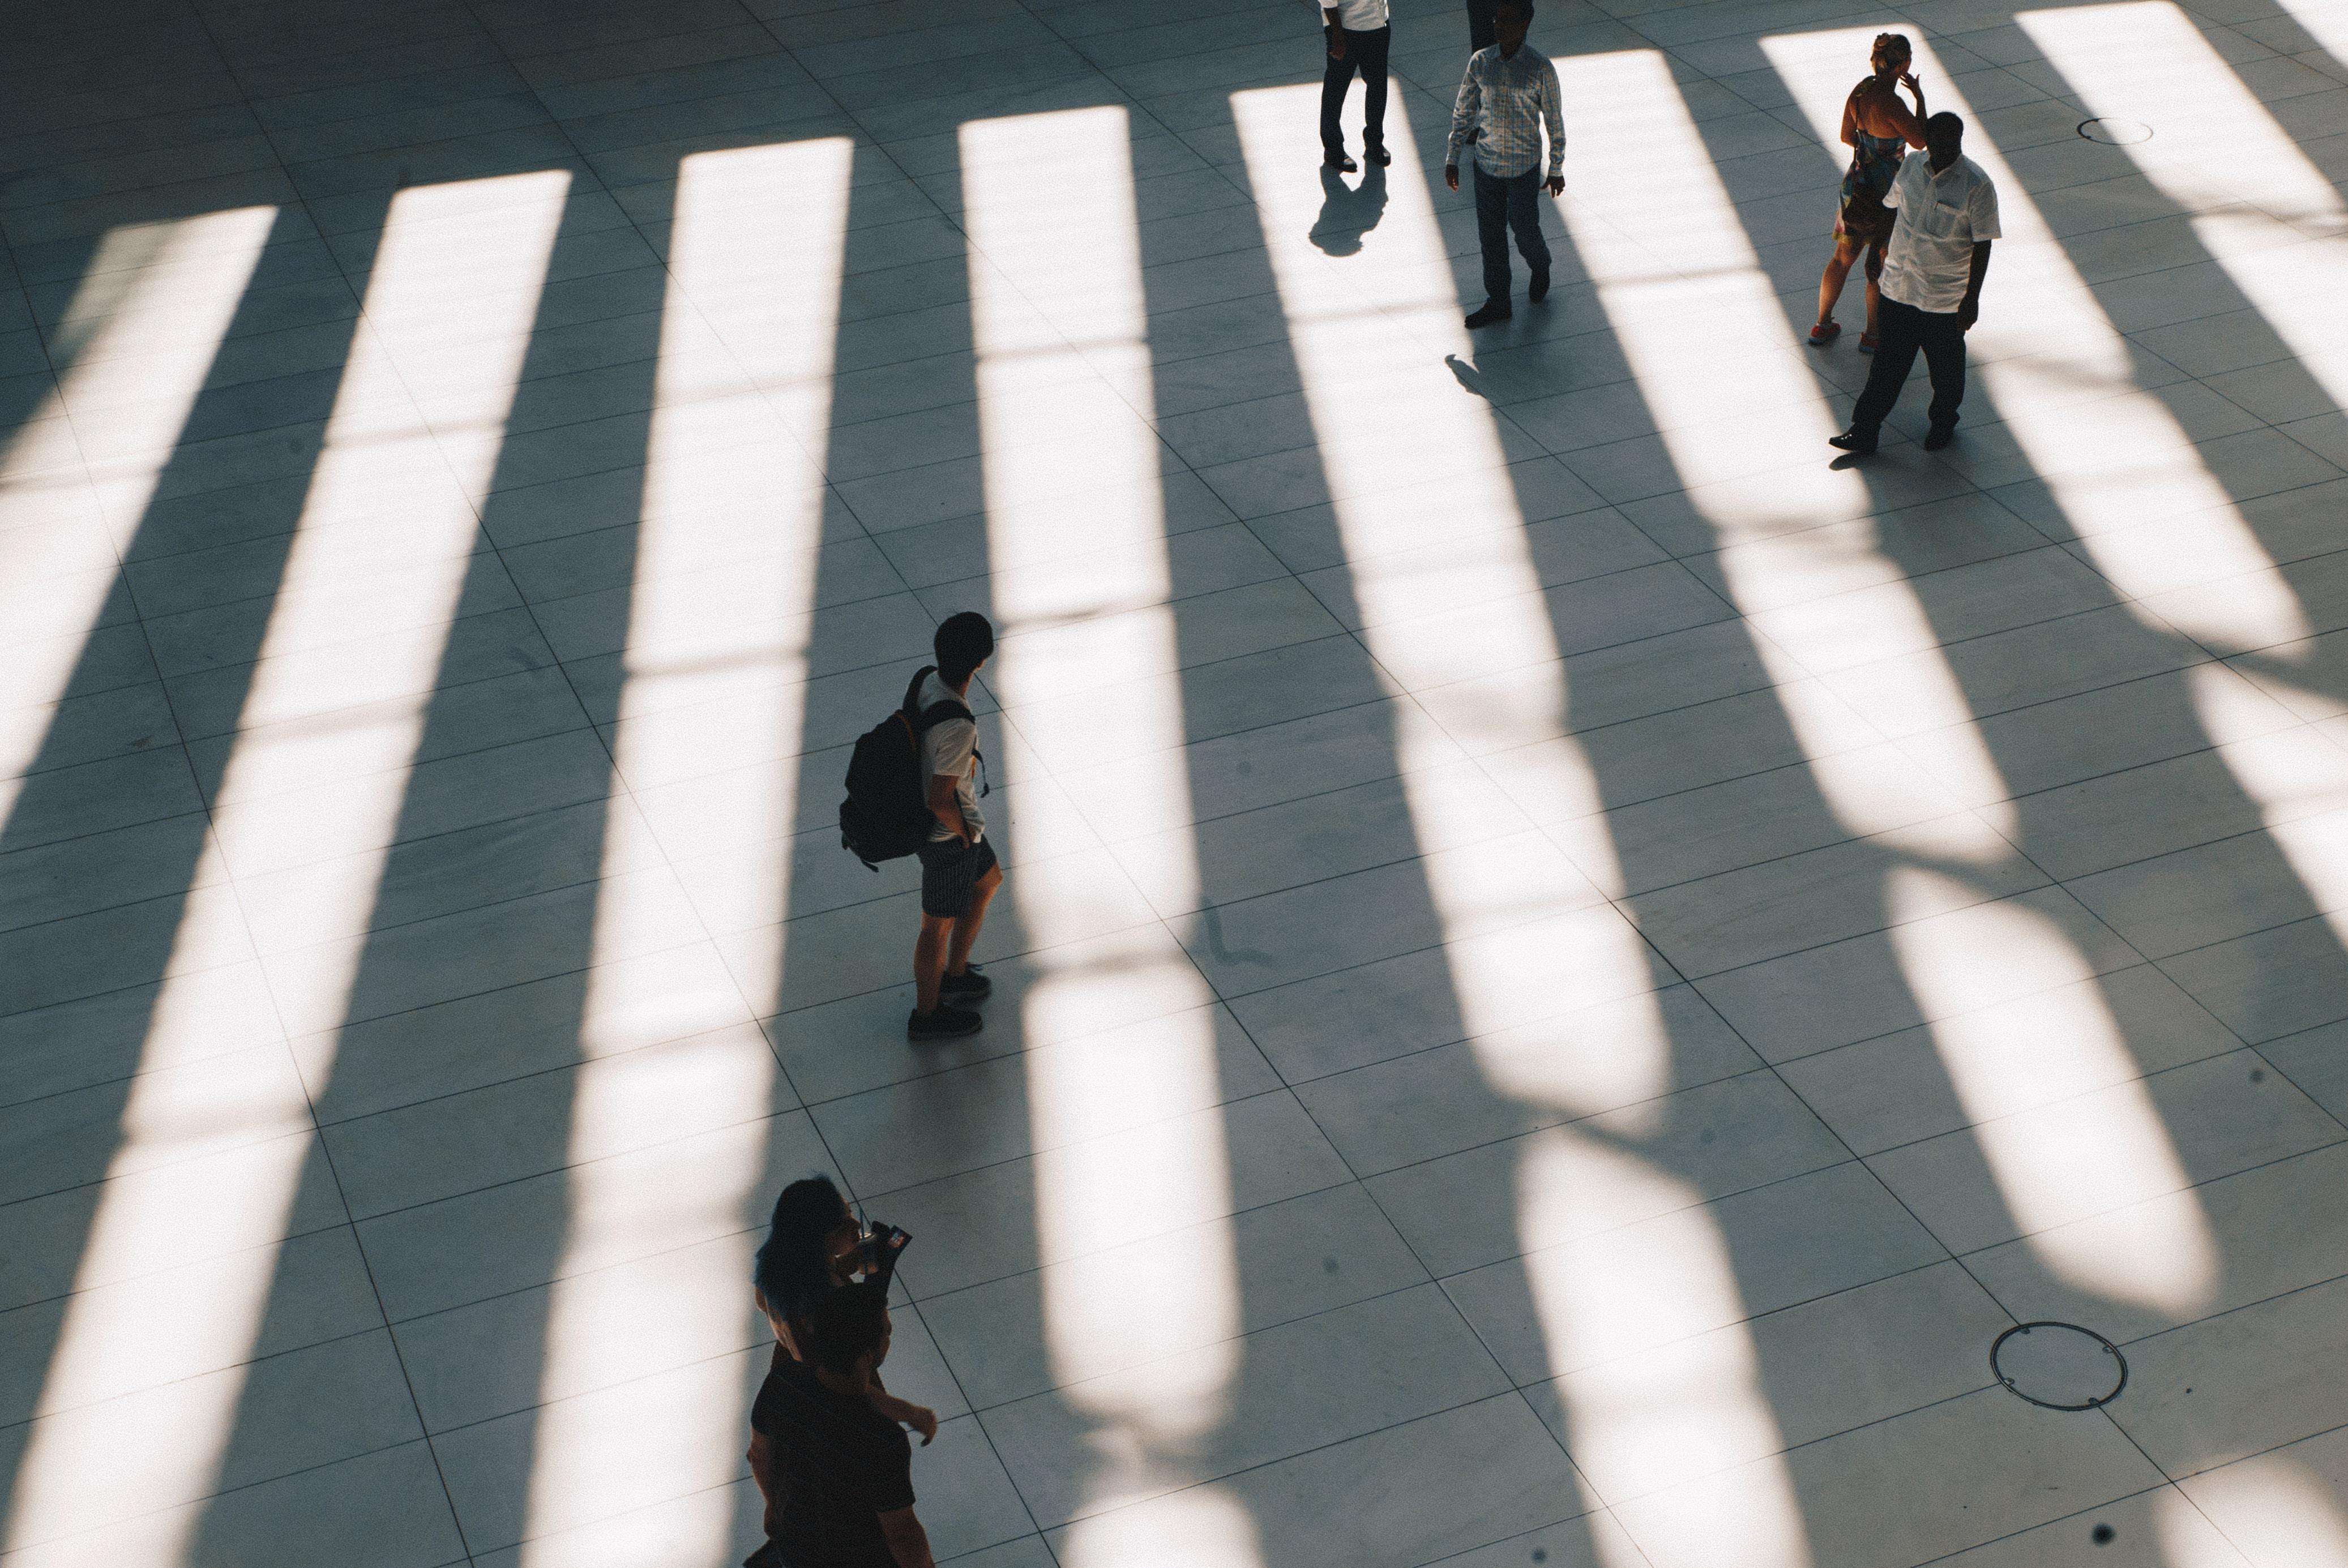 Imatgen de recurso sobre espacio público